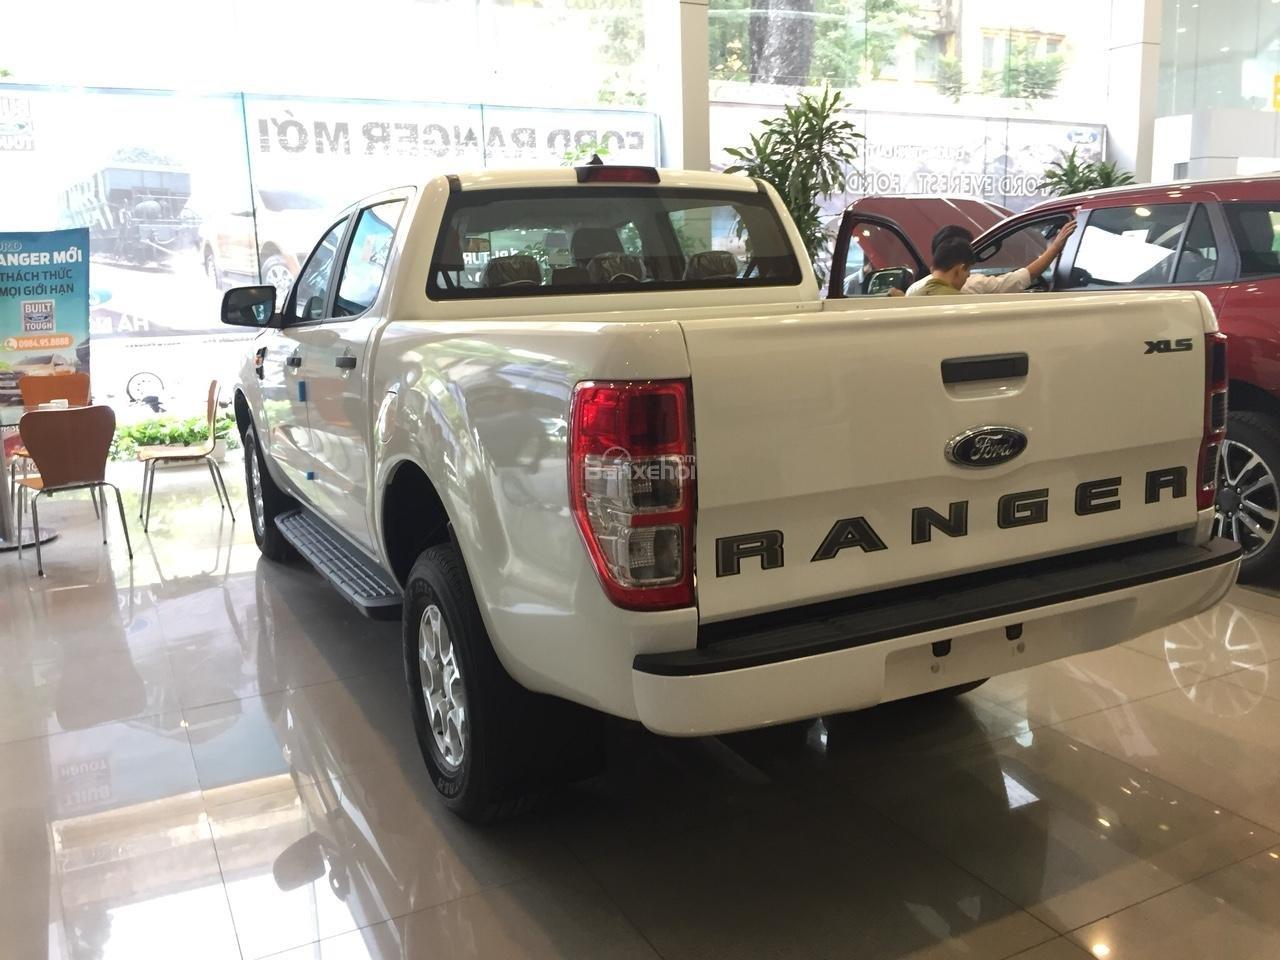 Giao luôn Ford Ranger XLS 2.2 MT, đủ màu, nhập khẩu Thái Lan, hỗ trợ vay 90% lãi suất thấp. Liên hệ nhận giá tốt nhất-2